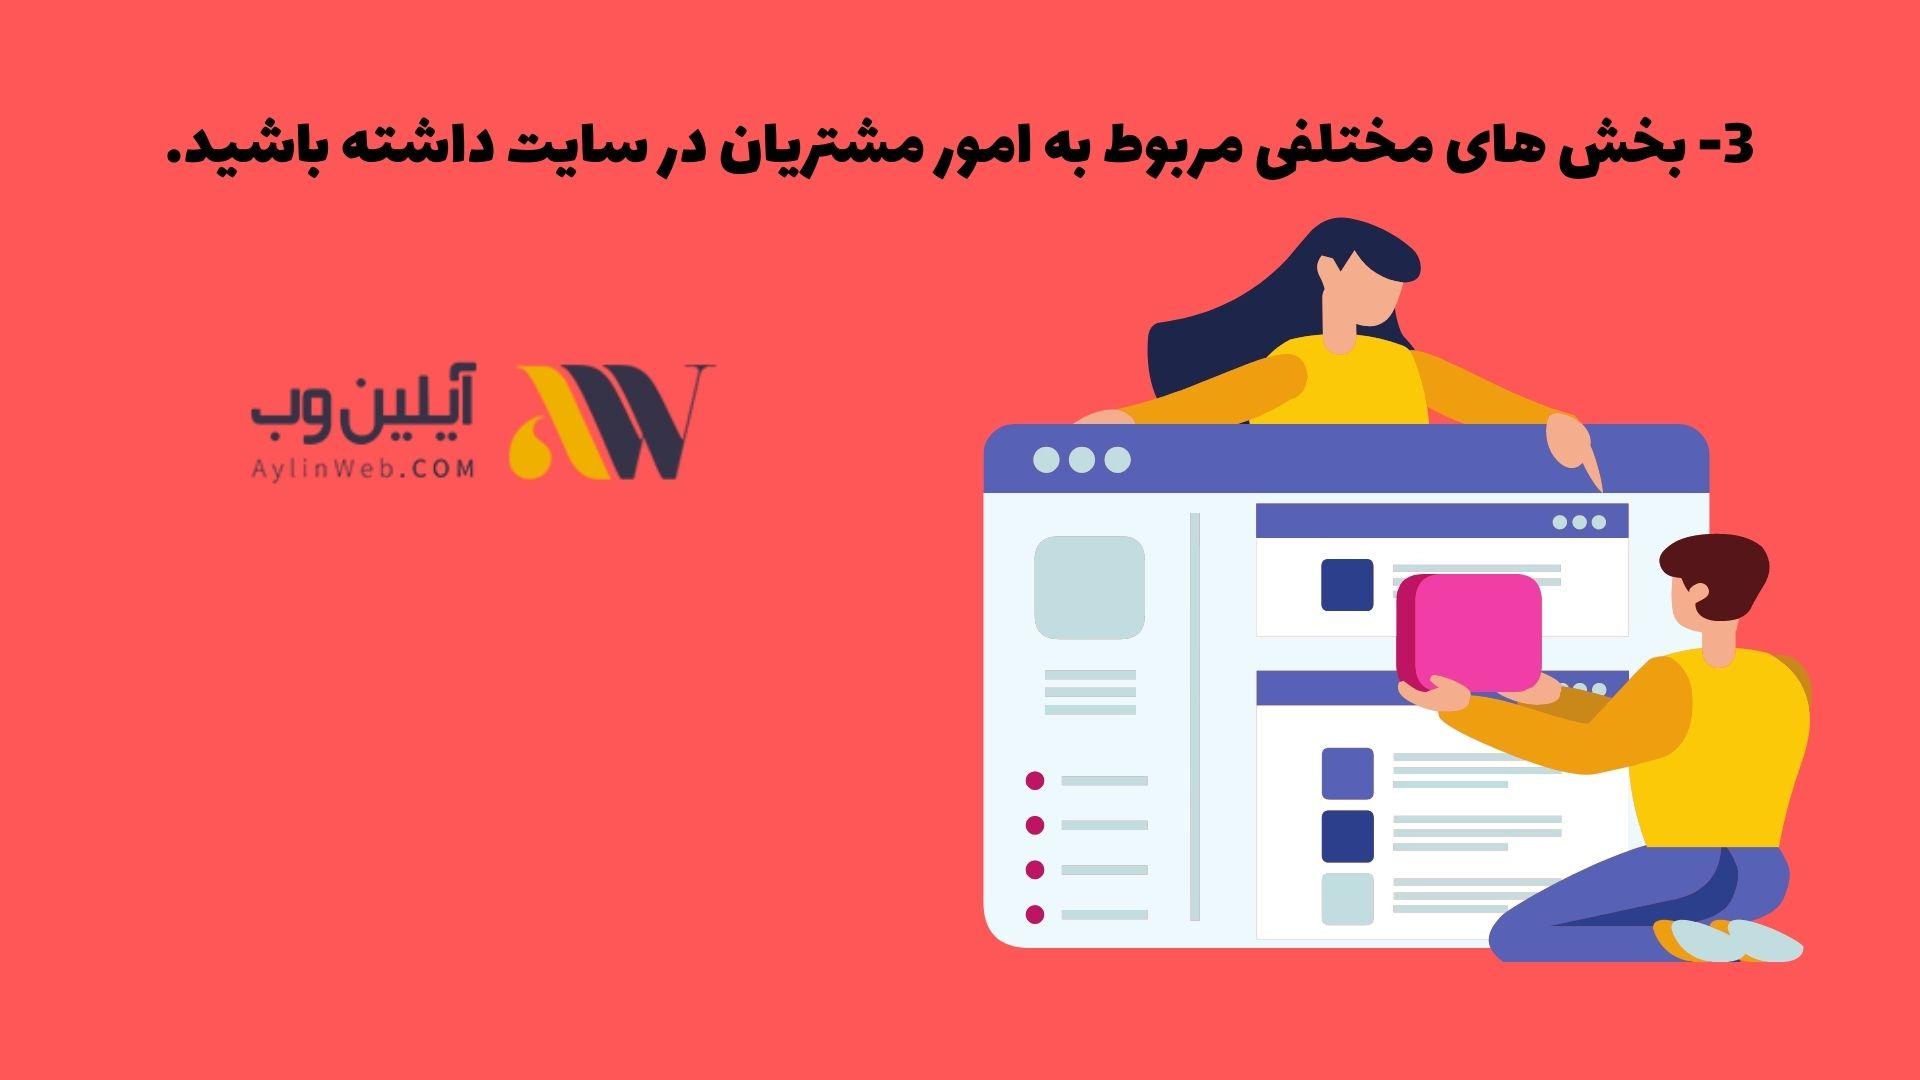 بخش های مختلفی مربوط به امور مشتریان در سایت داشته باشید